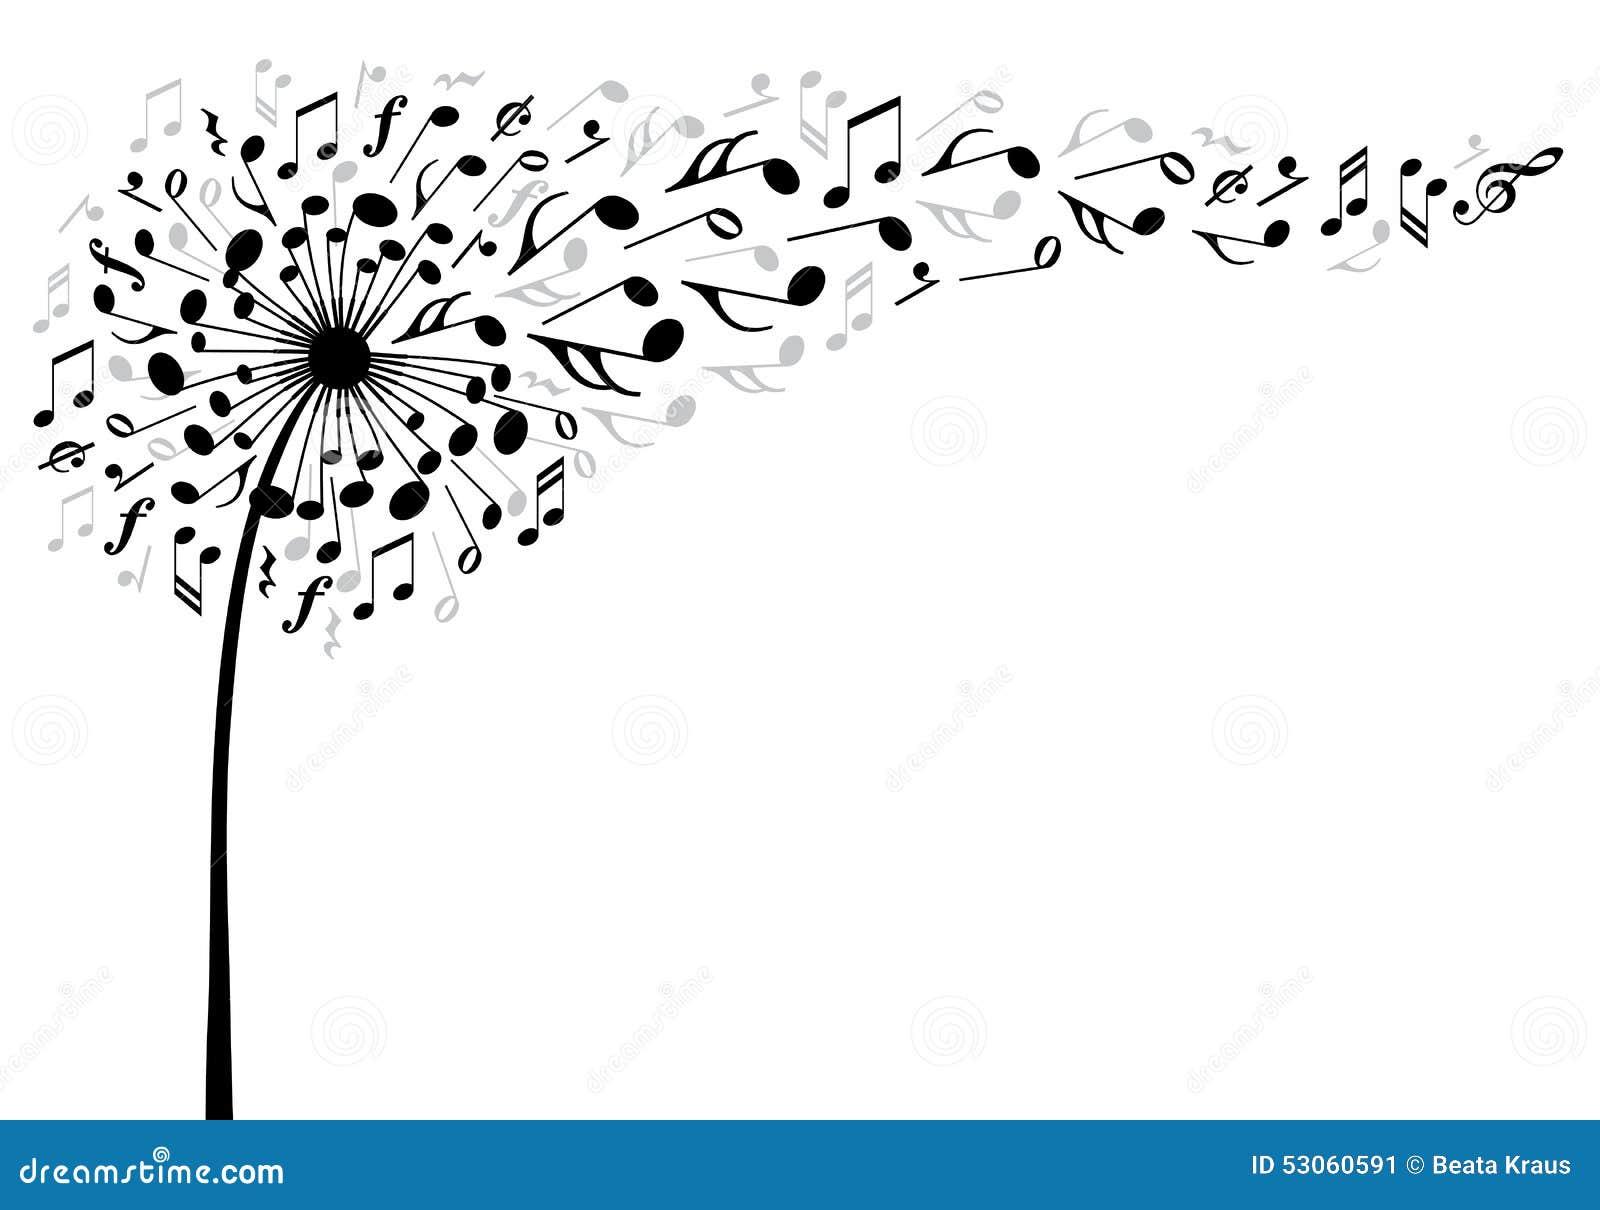 fiore del dente di leone di musica  vettore illustrazione vettoriale